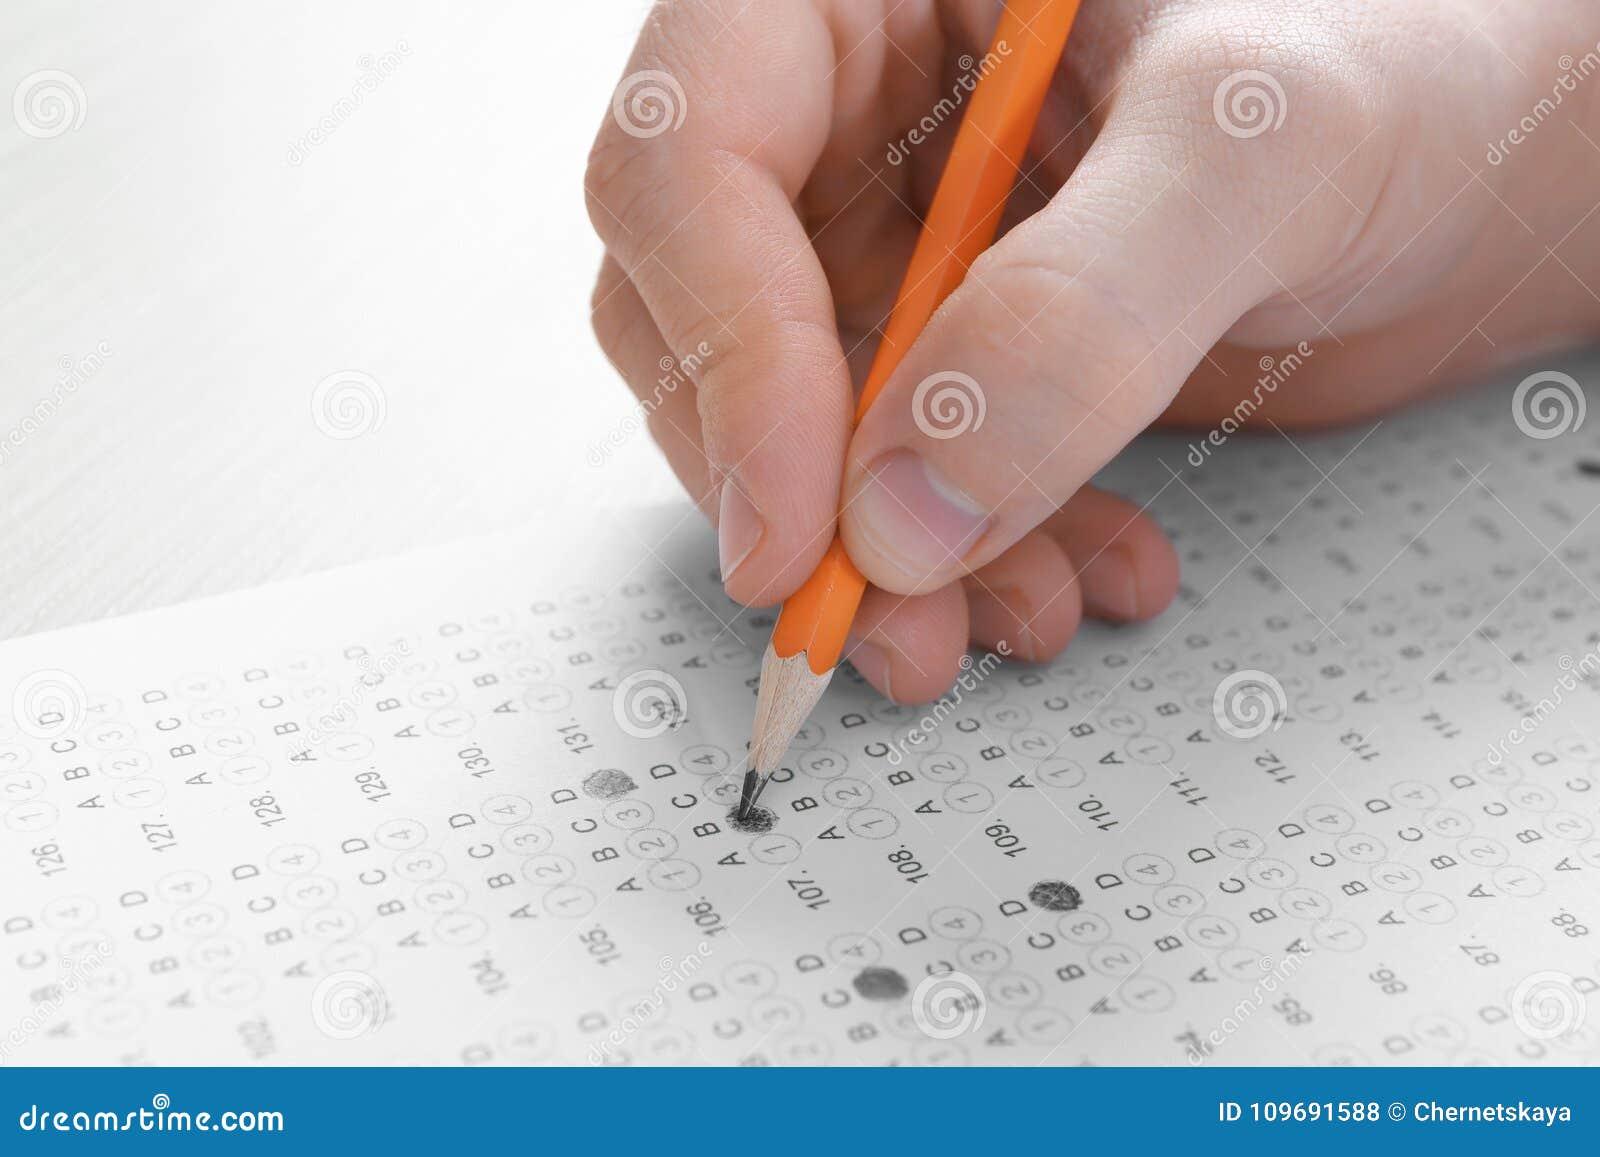 Studente che sceglie le risposte nella forma della prova per passare esame